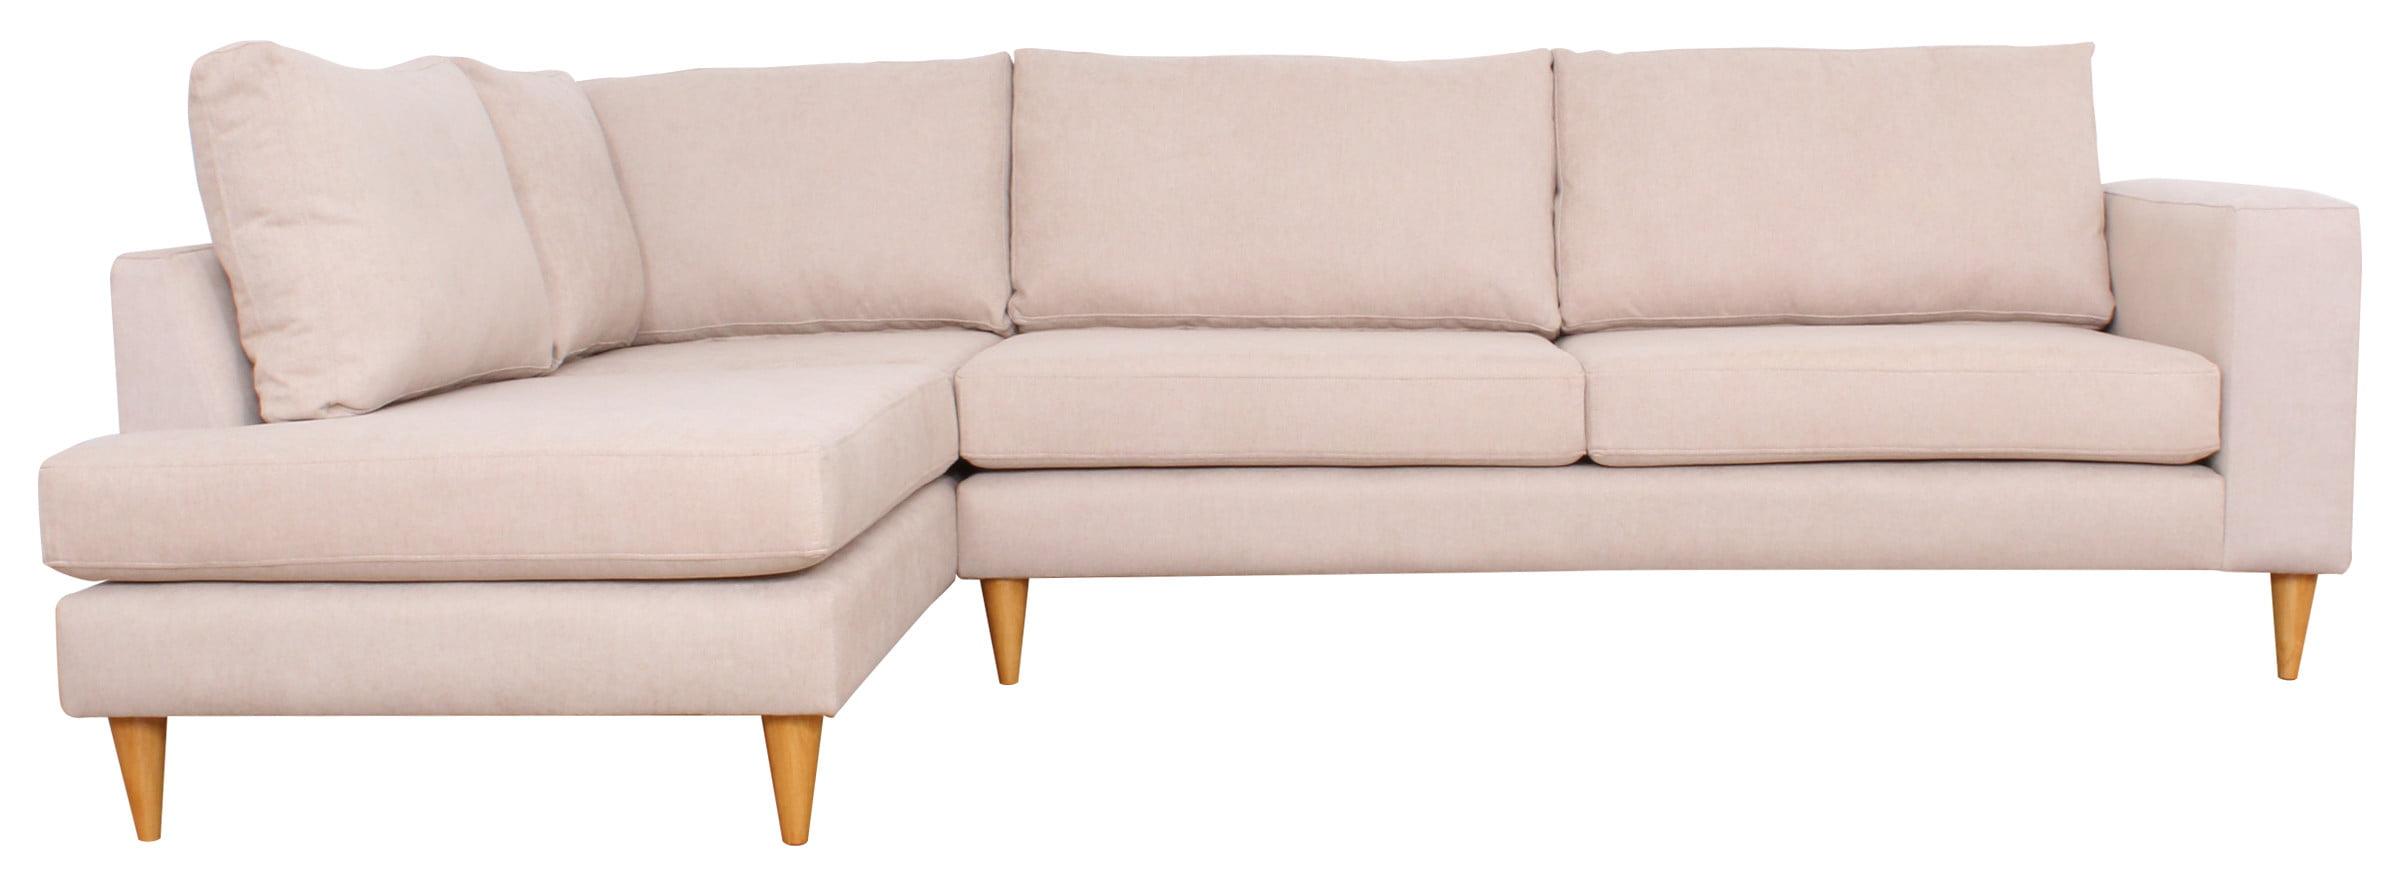 Sofa Modular Izquierdo Mecha 11